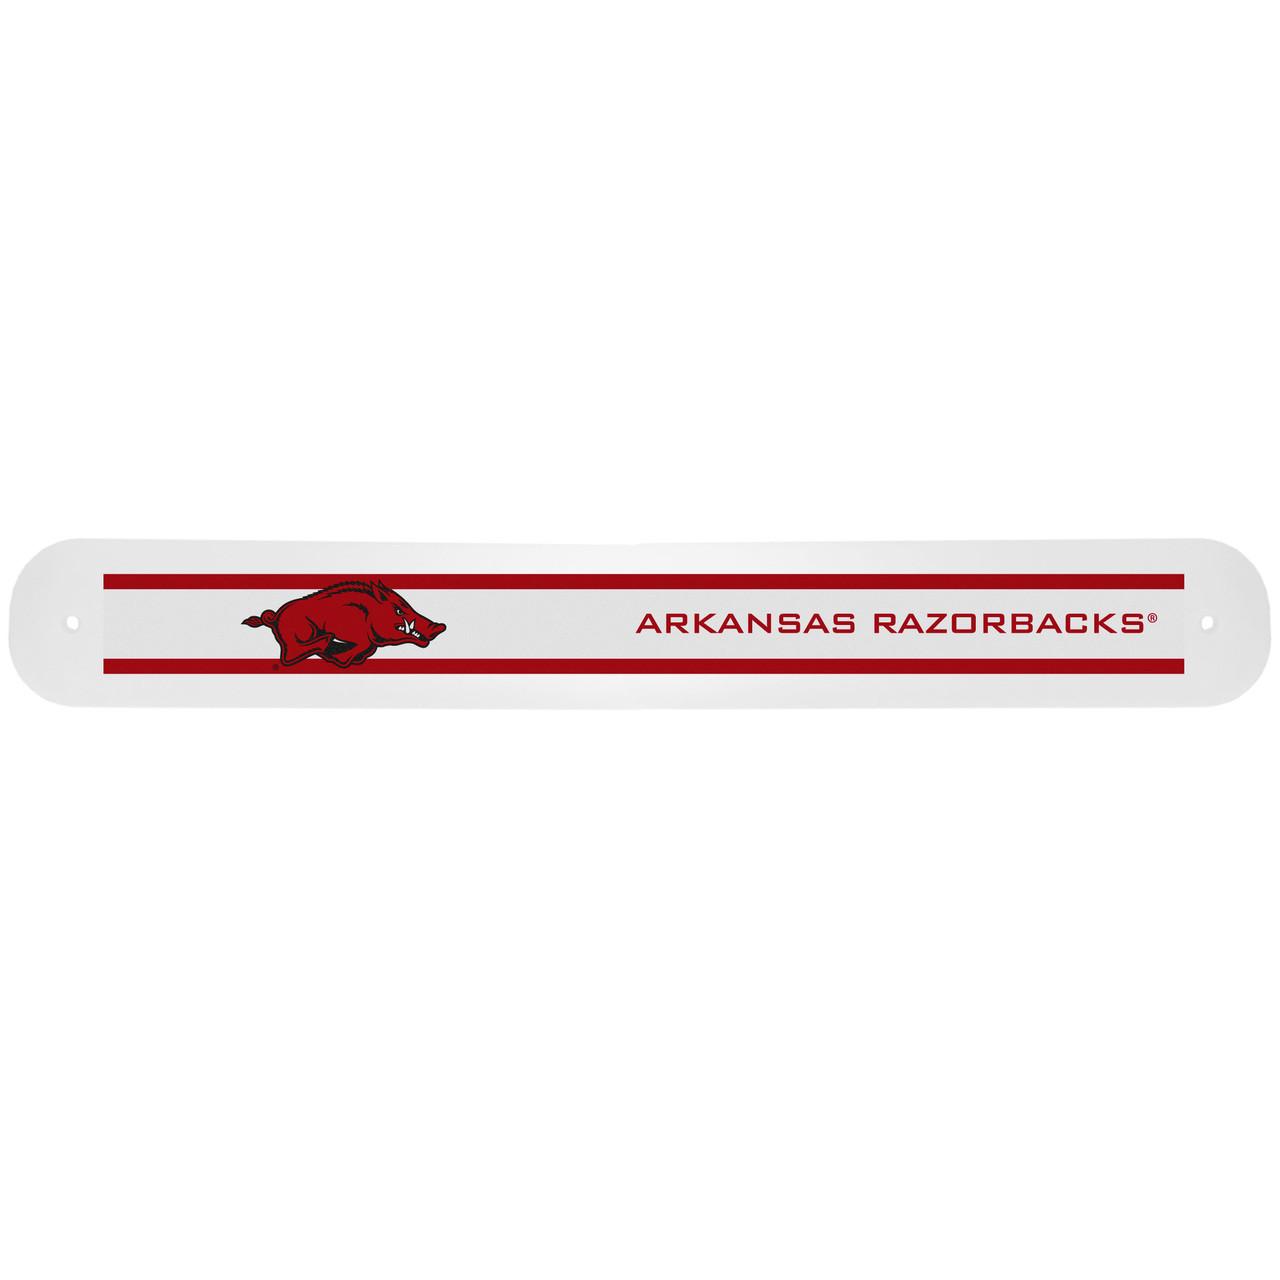 Arkansas Razorbacks Toothbrush Holder